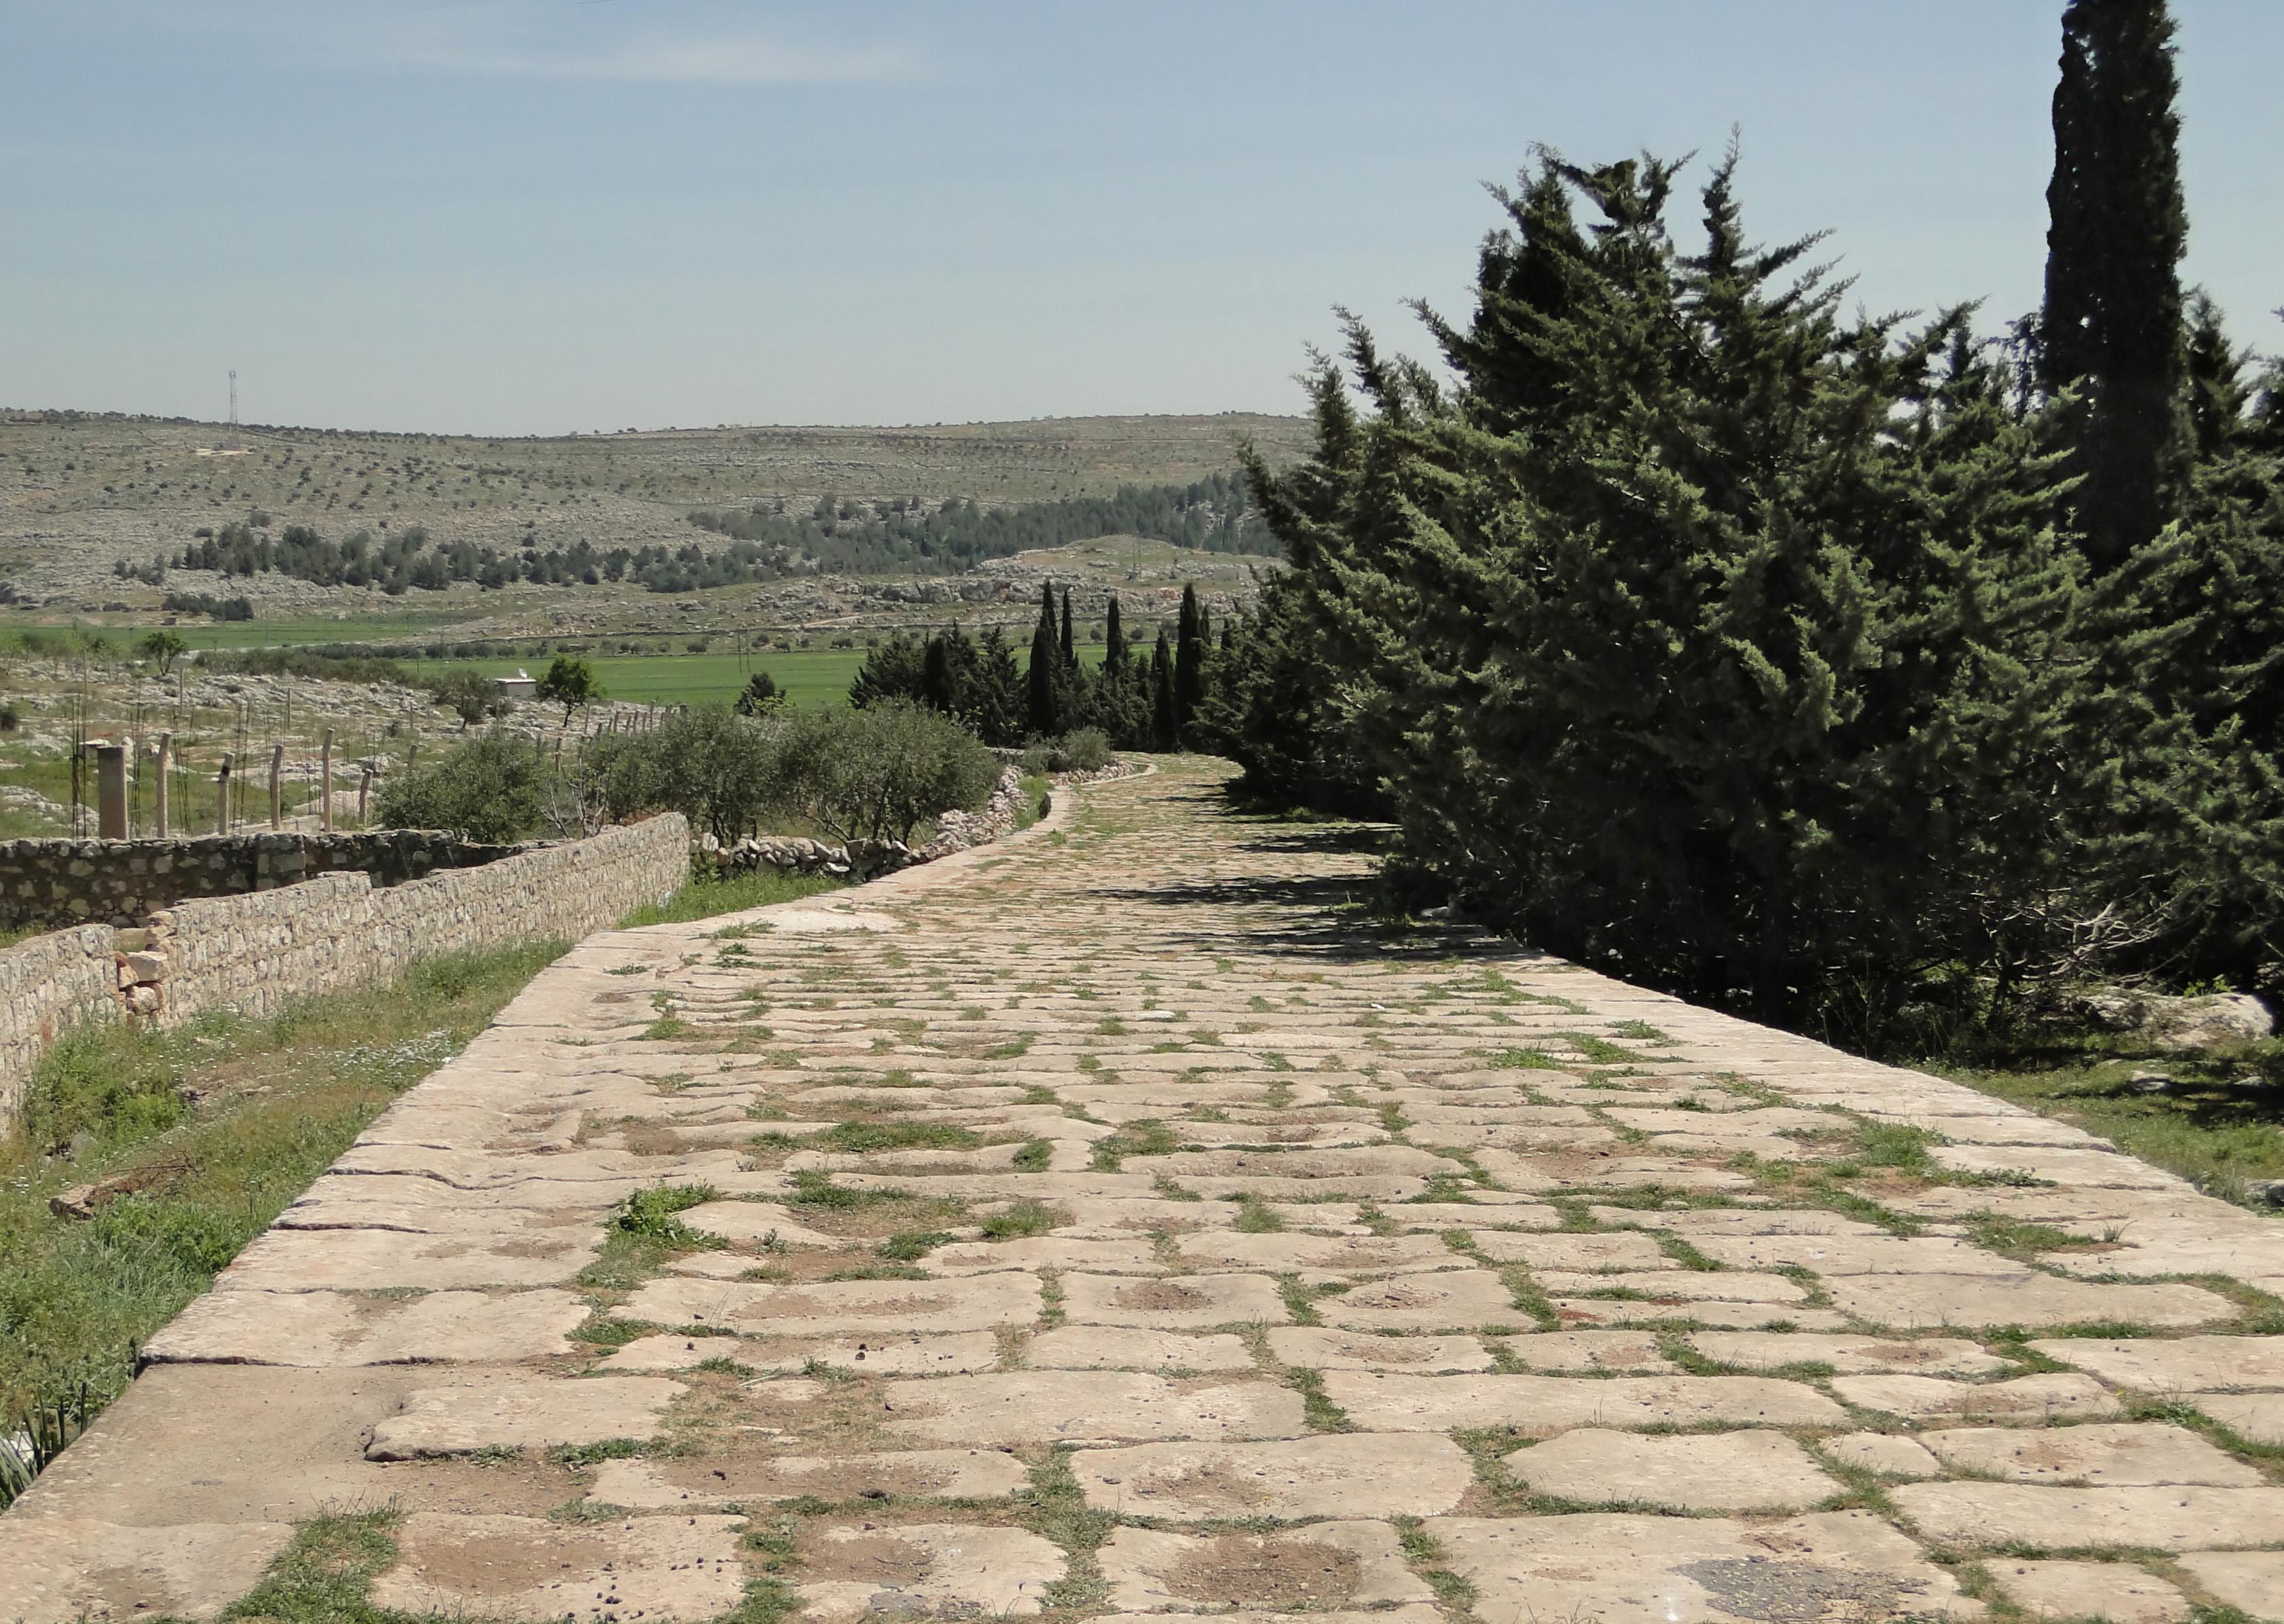 File:Ancient Roman road of Tall Aqibrin.jpg - Wikimedia Commons